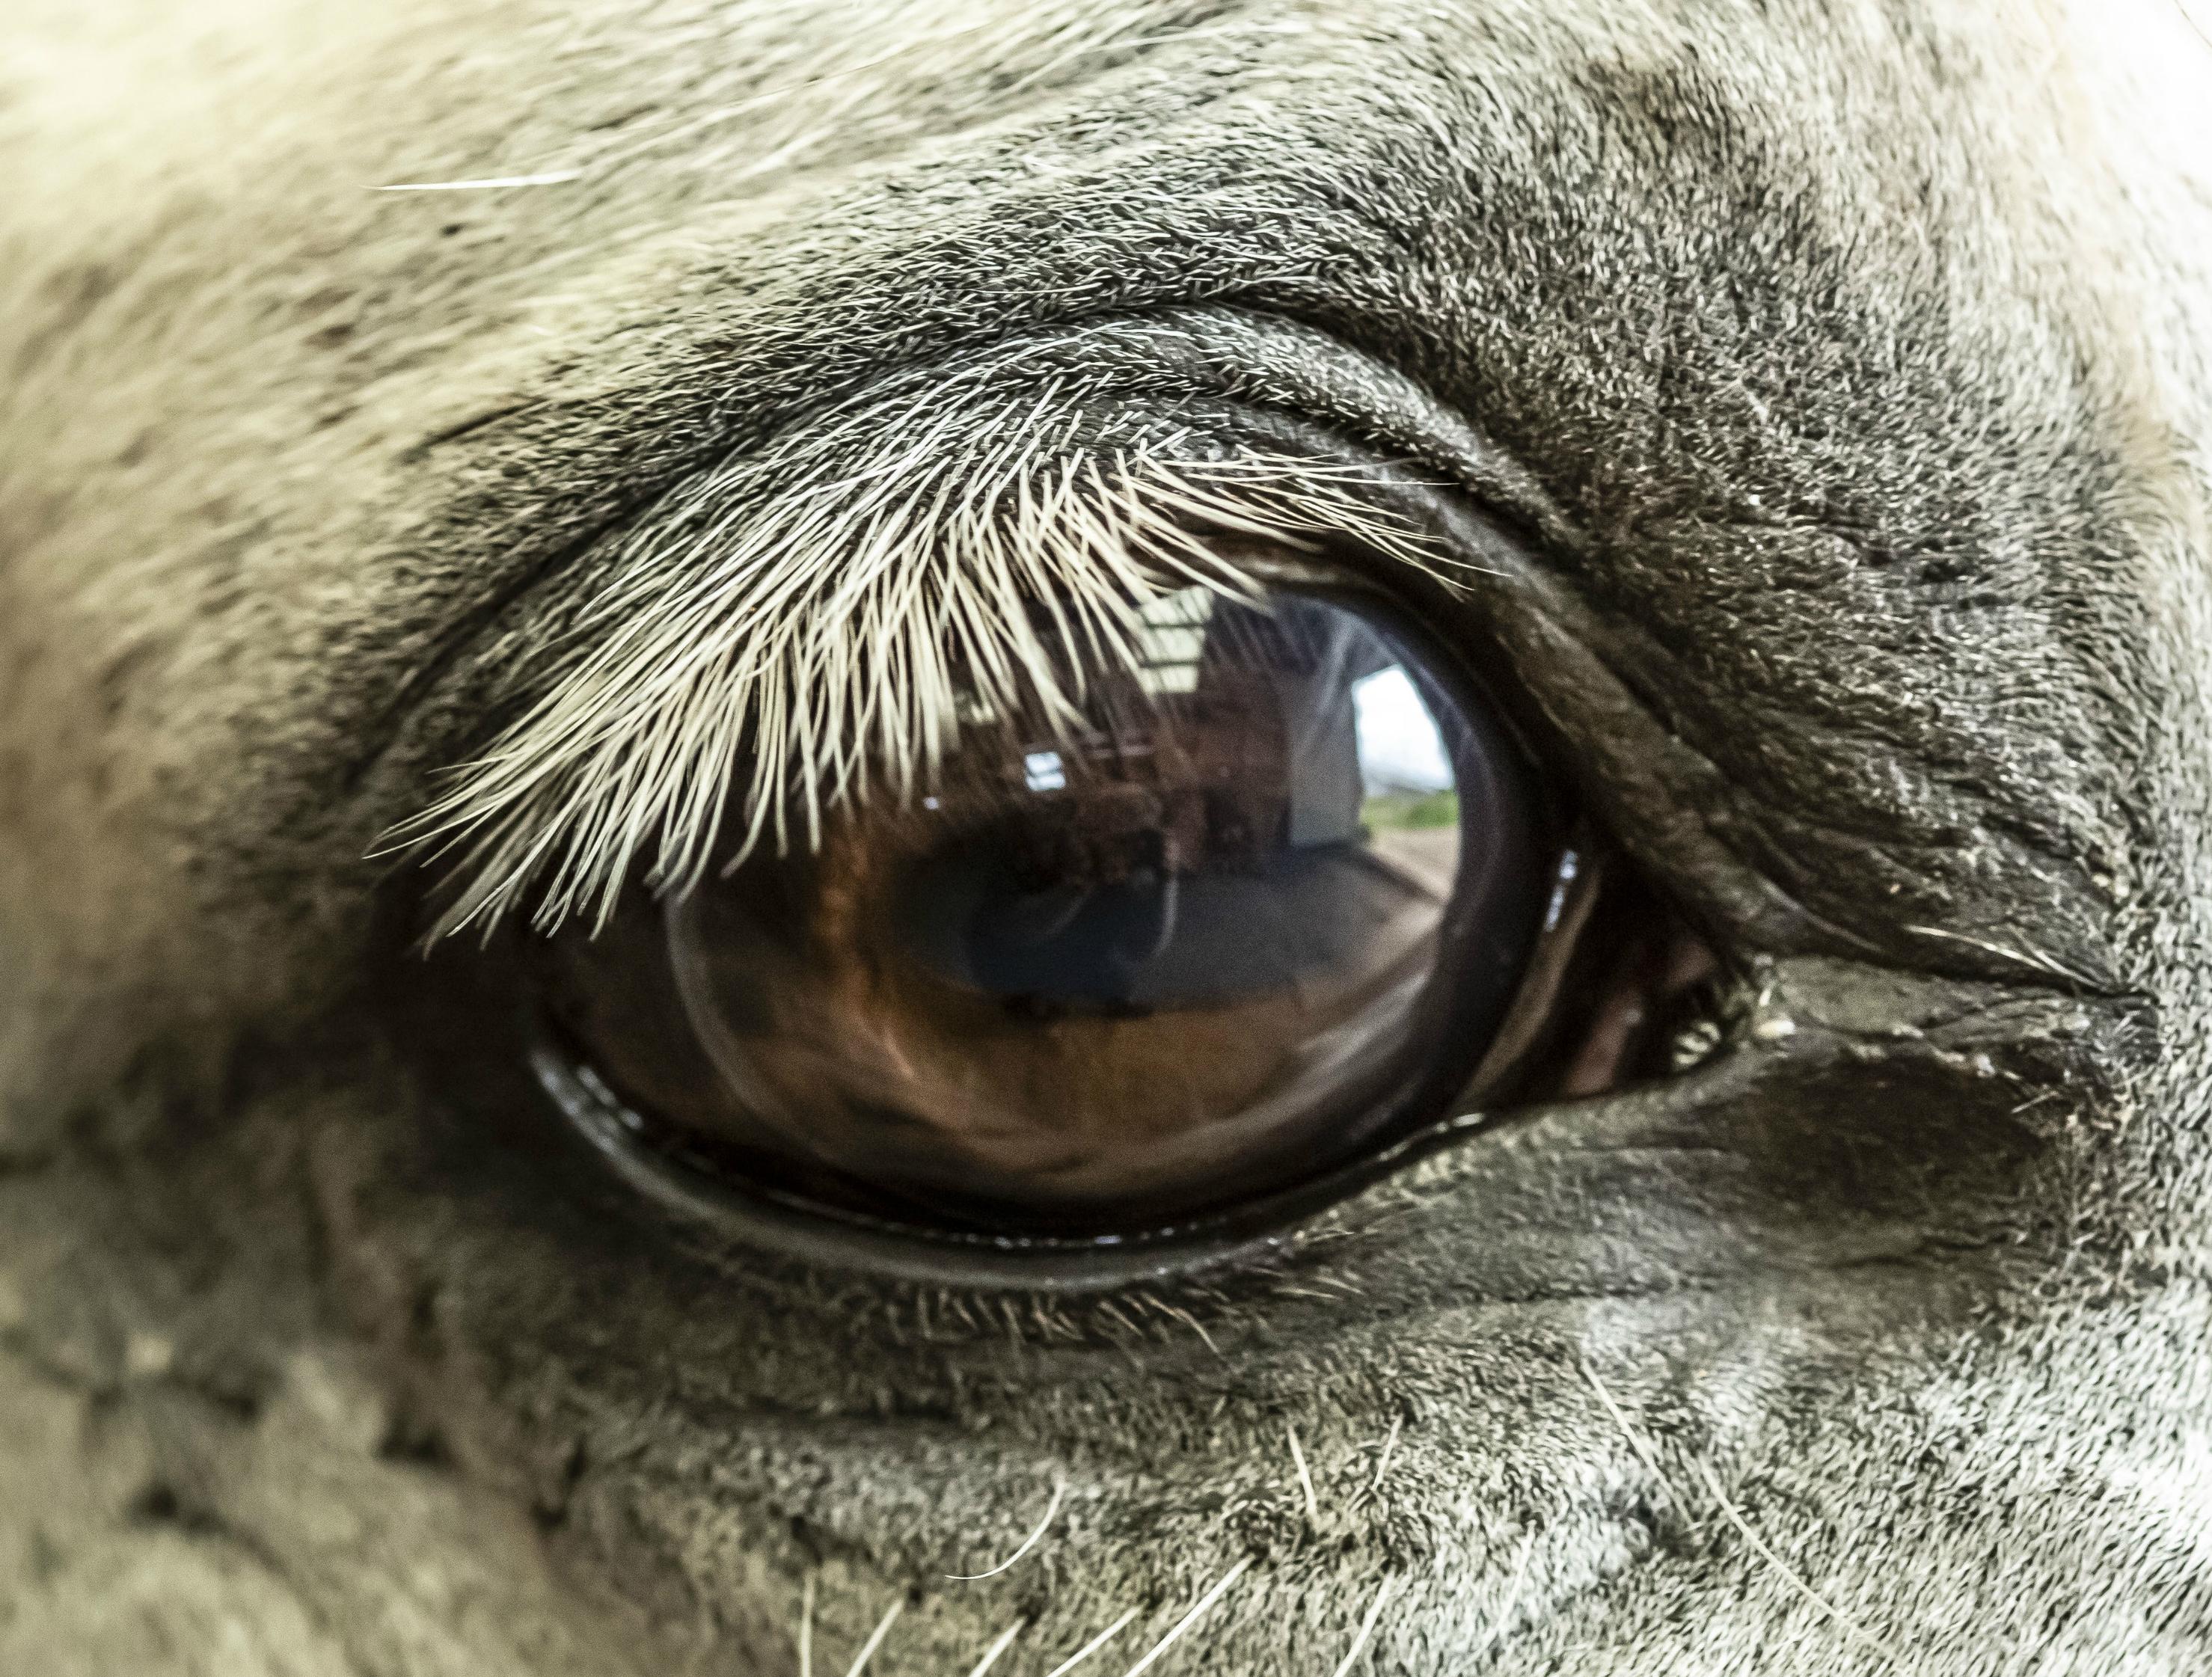 étel, amely segíti a látást nina mikhailovna a látás gyógyítható az asztigmatizmussal